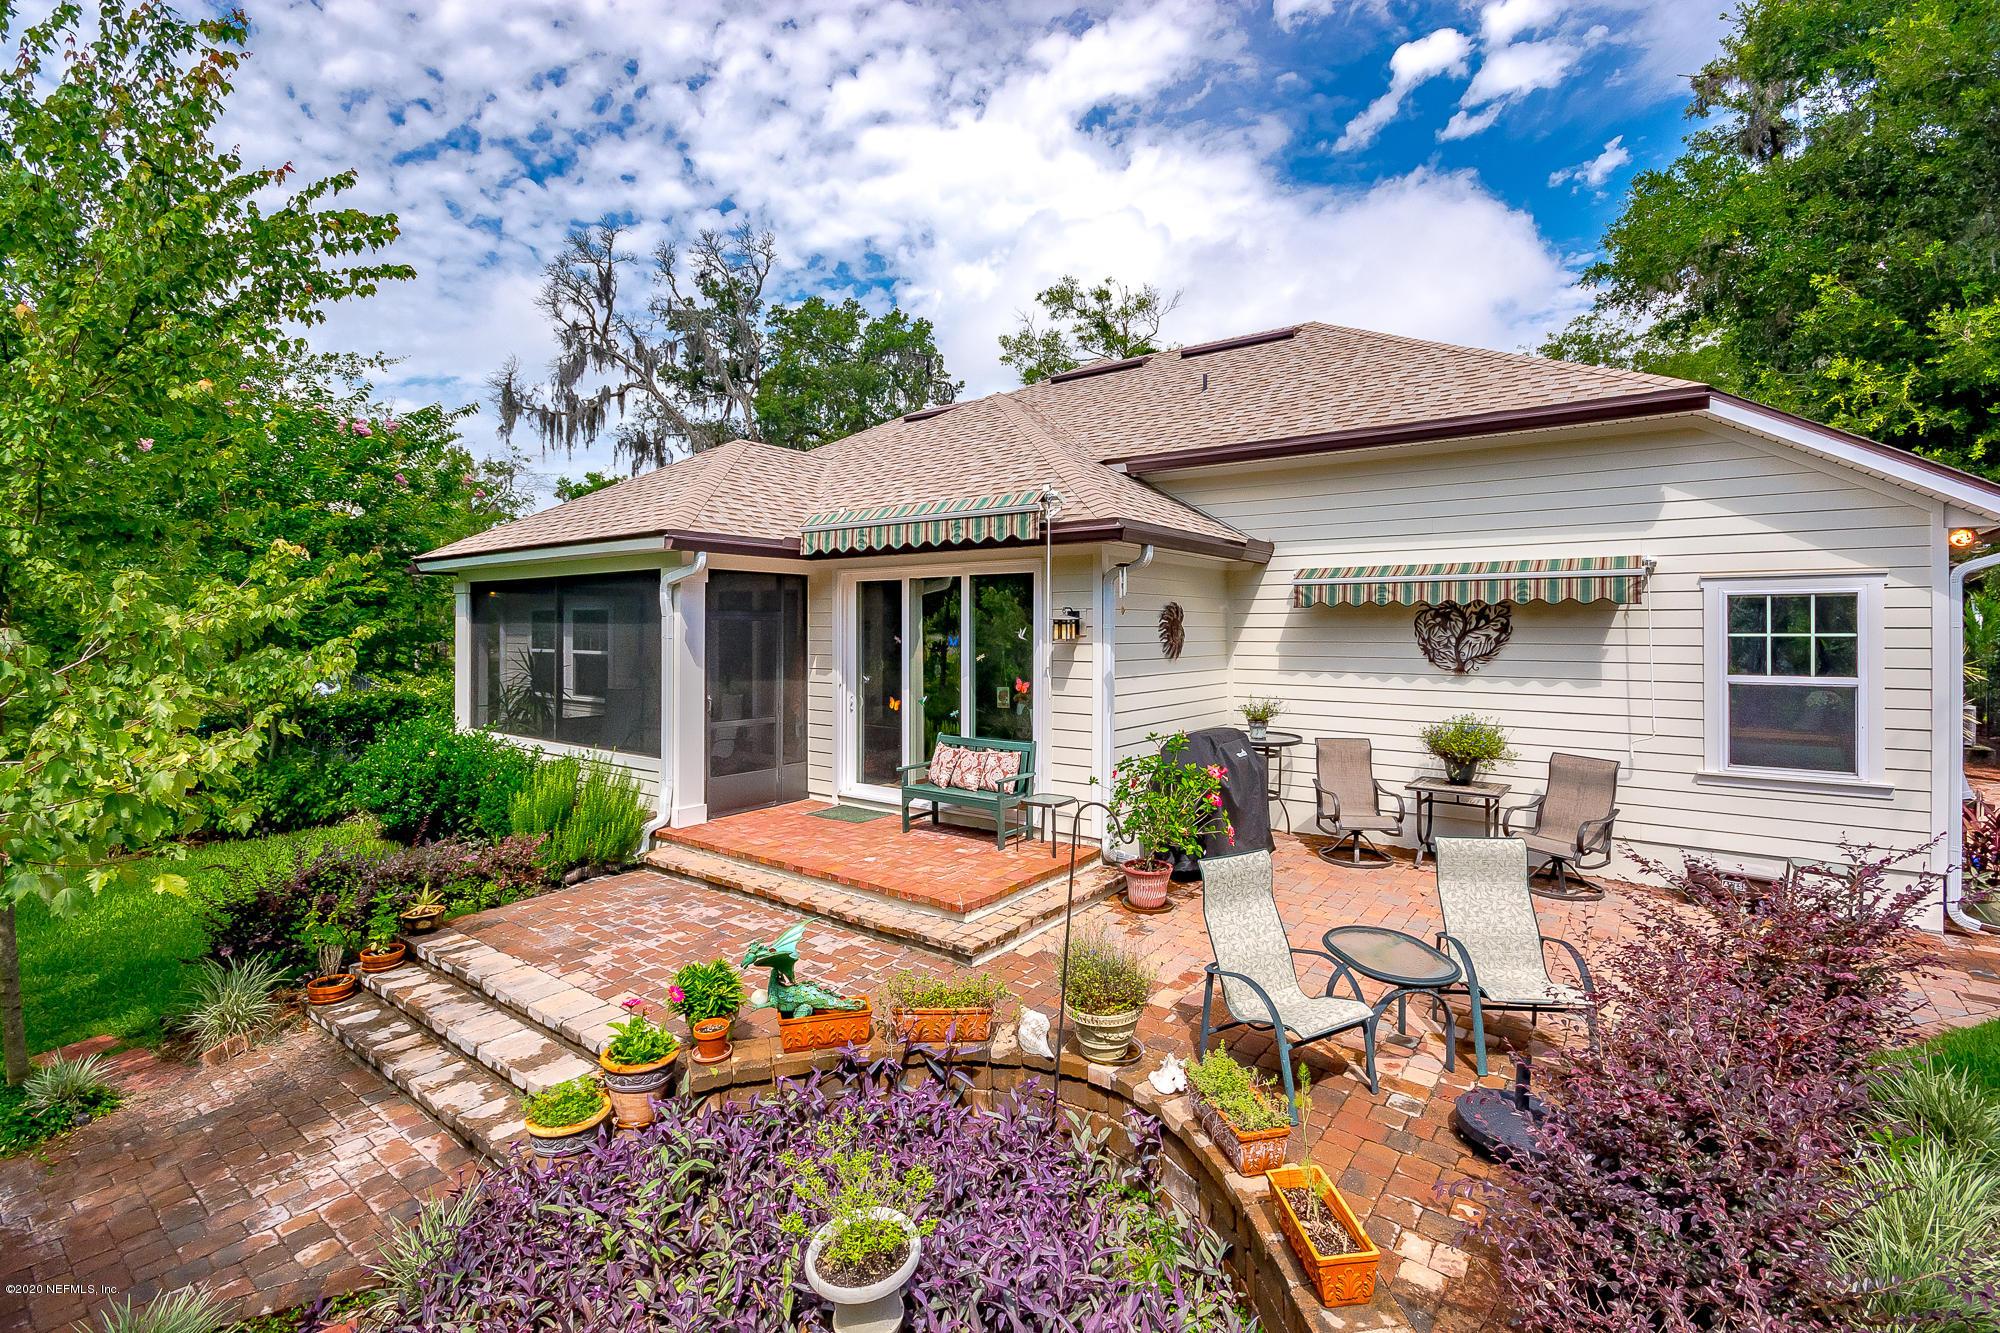 29124 GRANDVIEW, YULEE, FLORIDA 32097, 3 Bedrooms Bedrooms, ,2 BathroomsBathrooms,Residential,For sale,GRANDVIEW,1057953